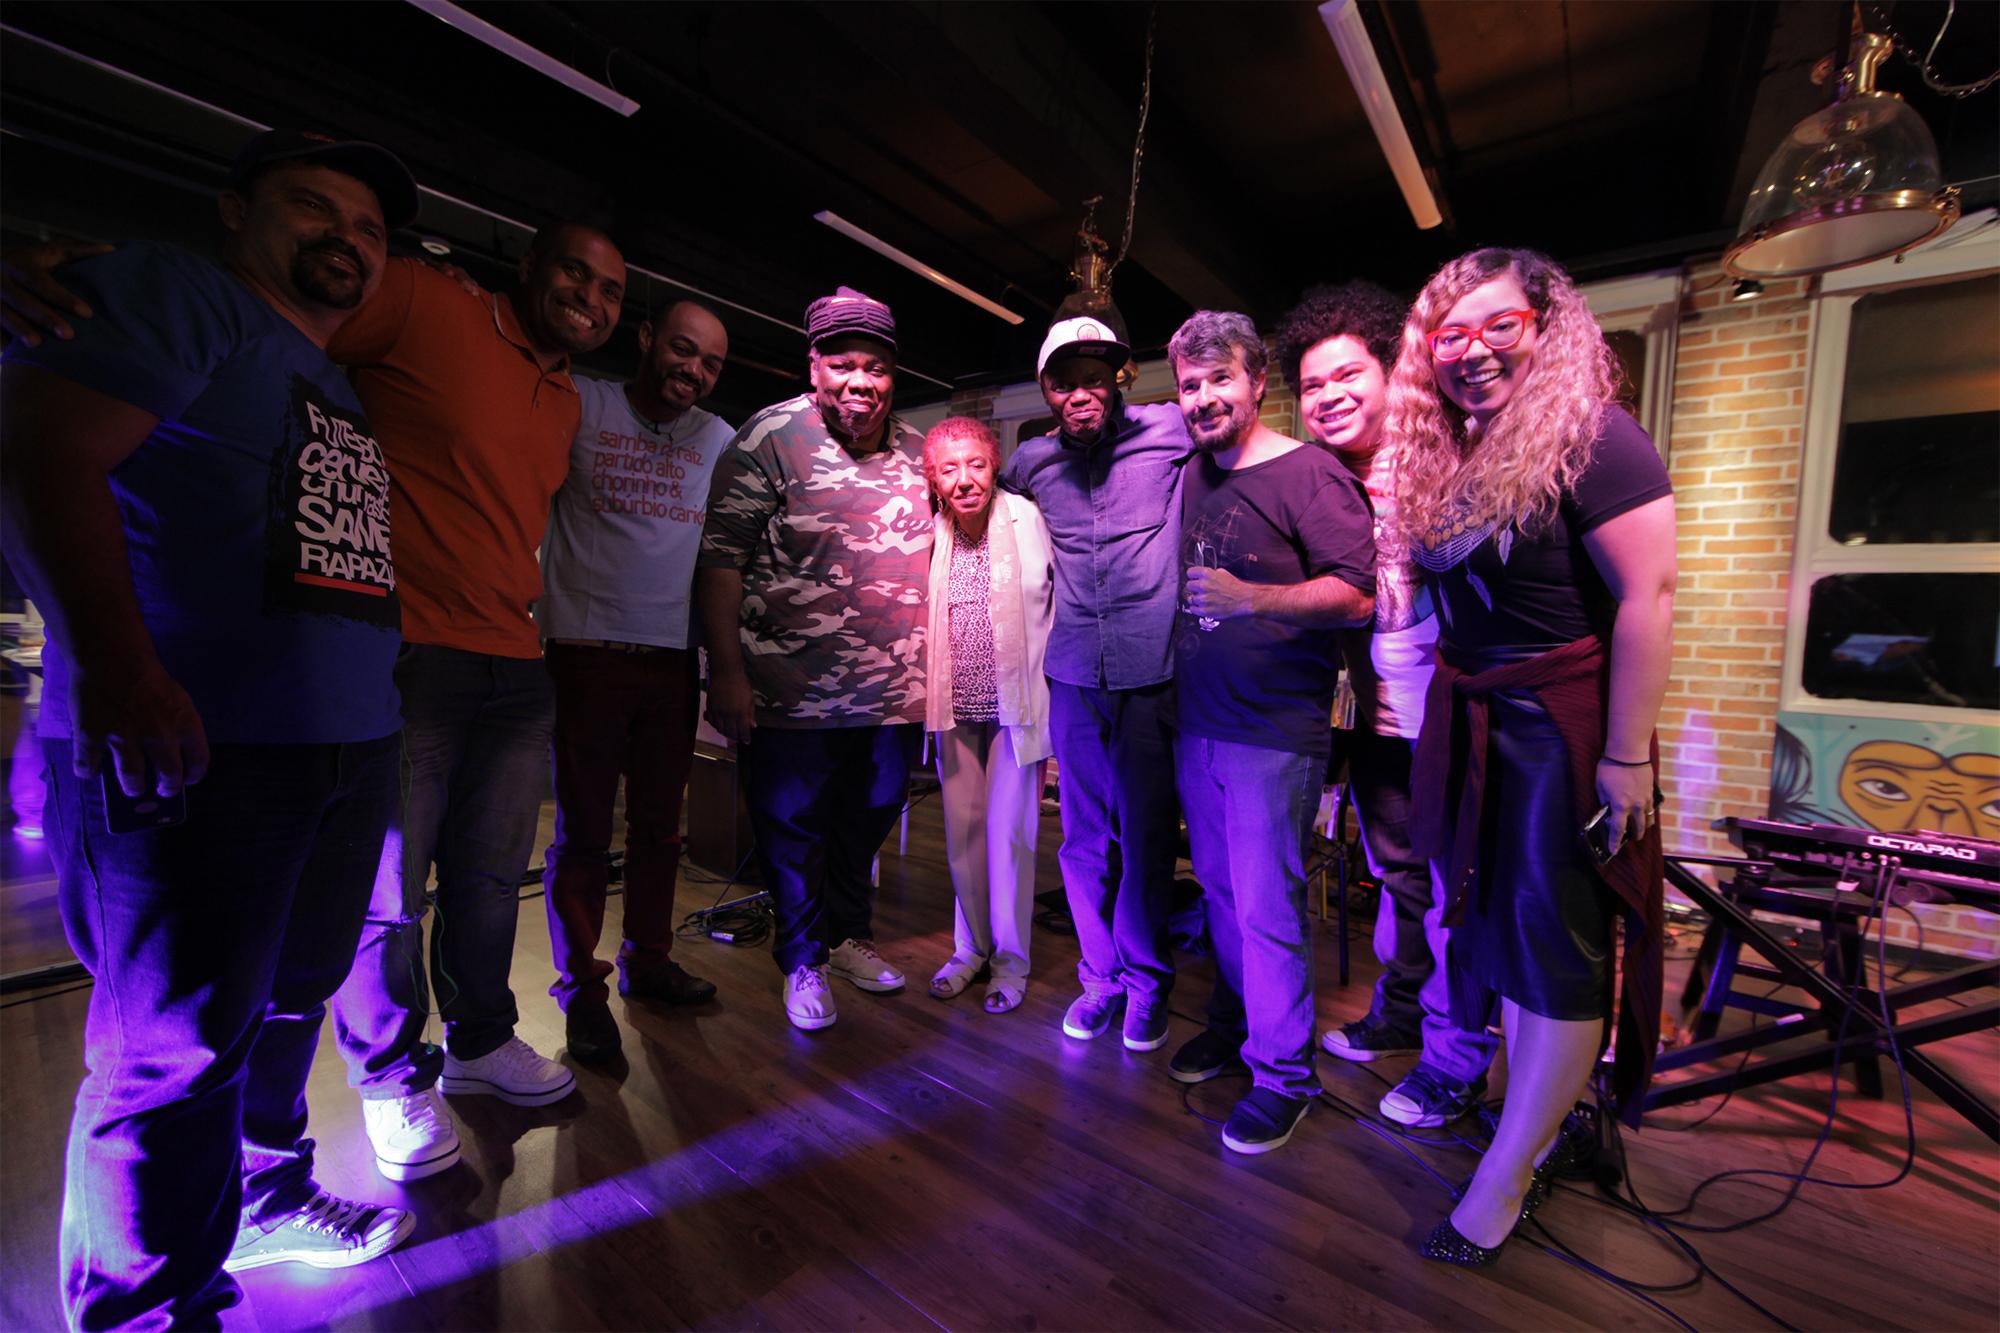 Ator e cantor Sérgio Loroza apresenta talk show na TV paga que debaterá sobre cultura negra